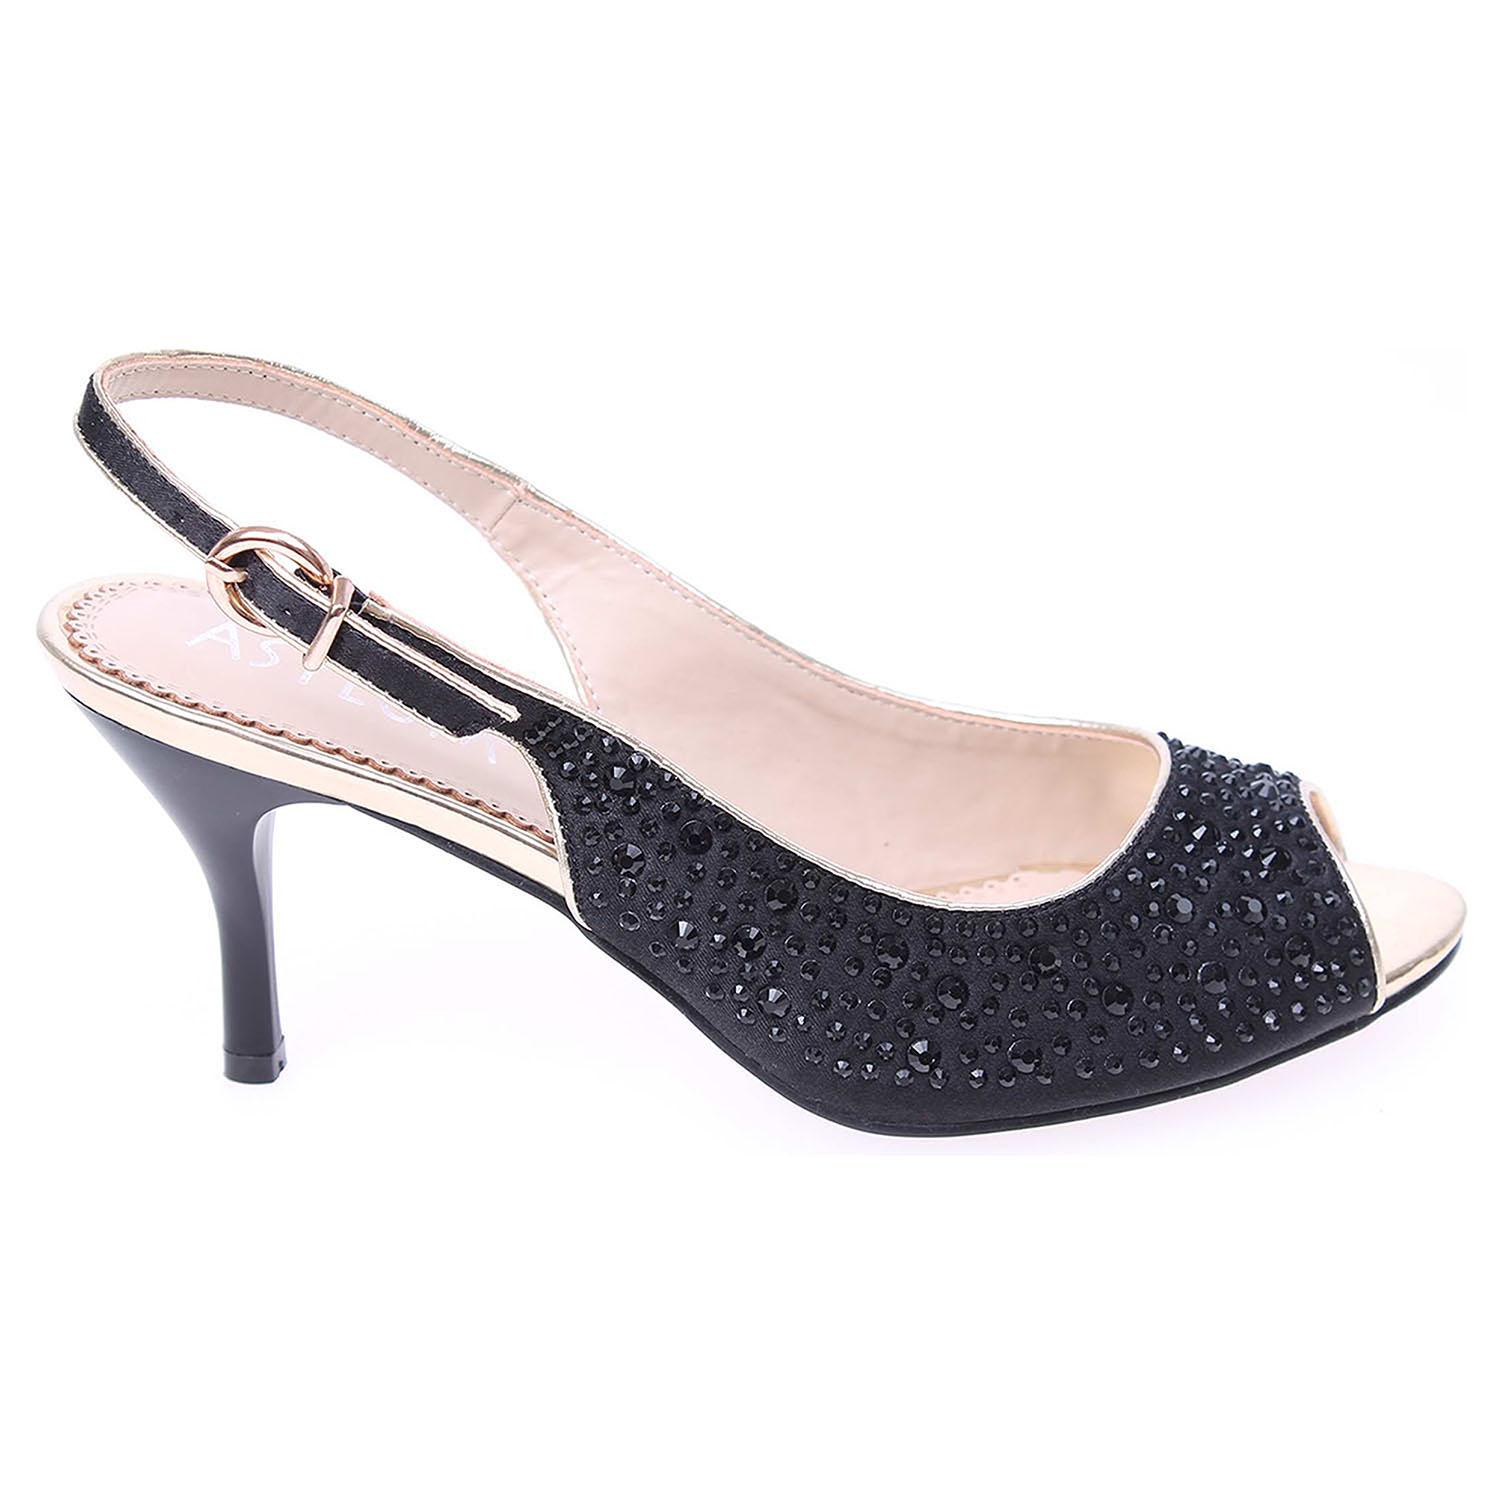 Ecco Asylum dámská společenská obuv AT-212-26-91 černá 22800282